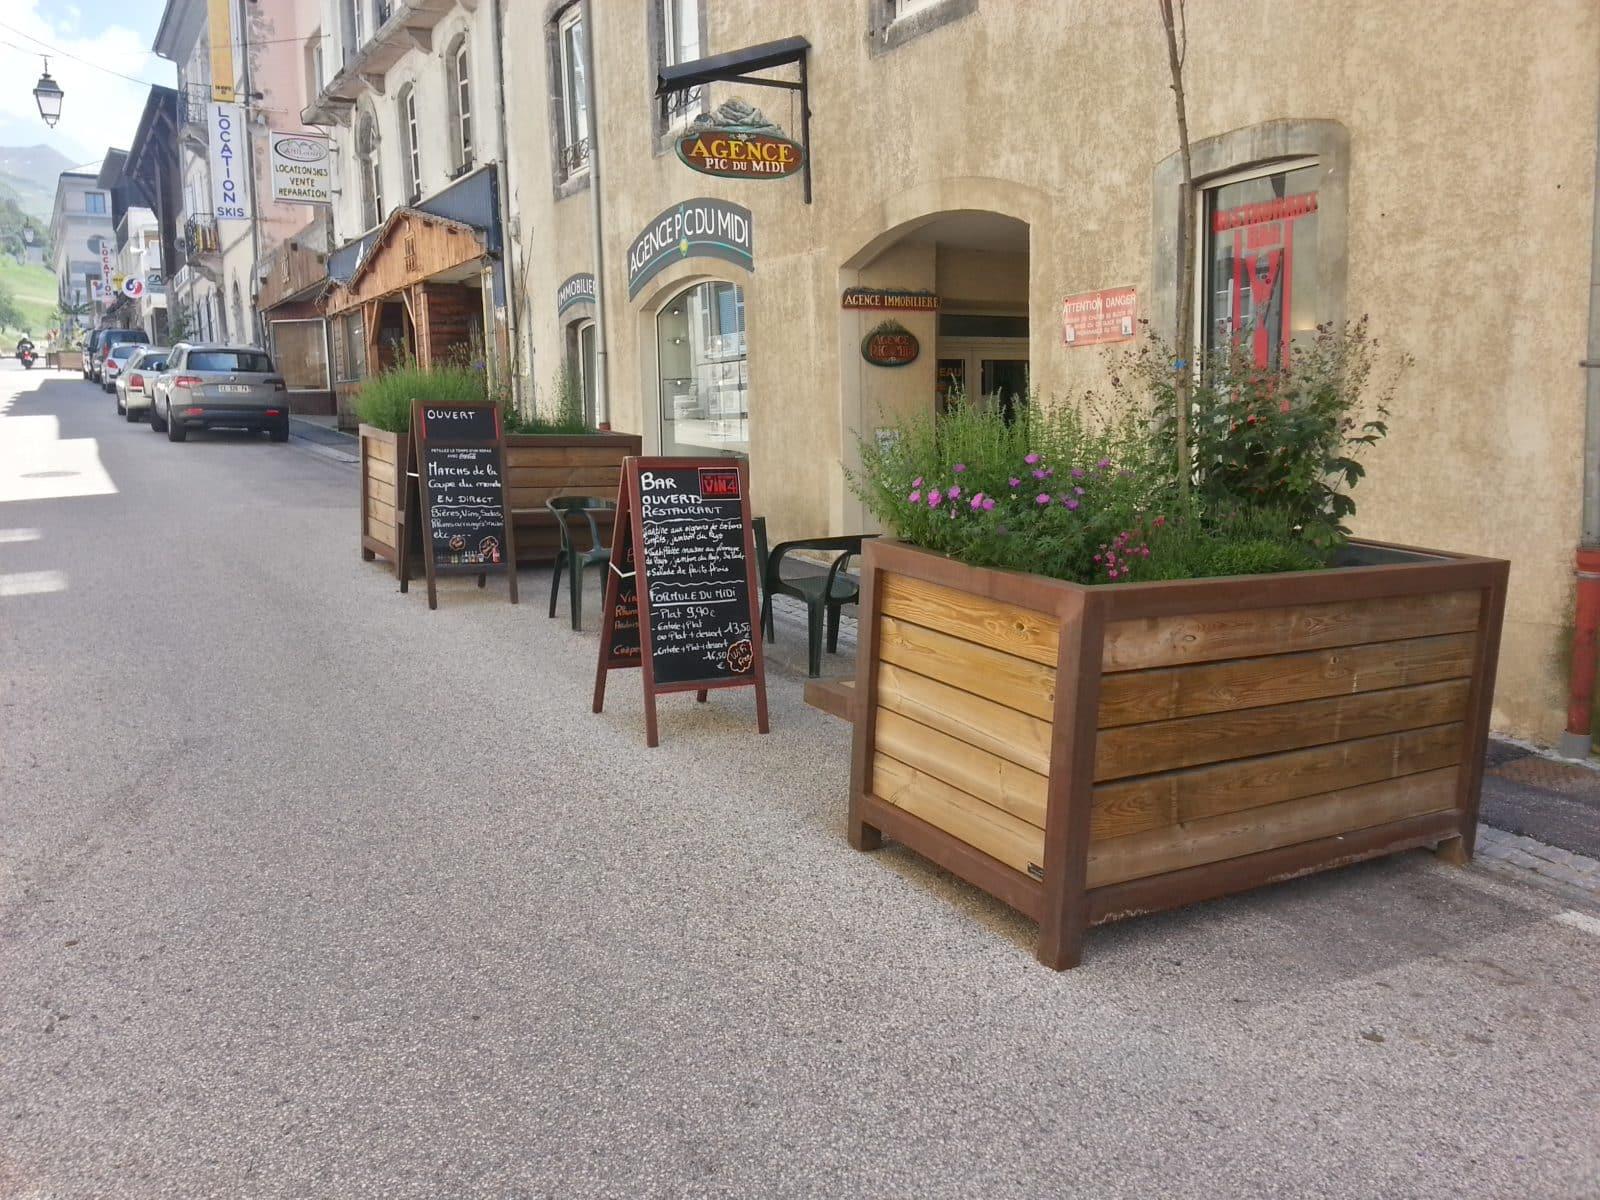 Jardinières pour délimiter restaurant et place de stationnement